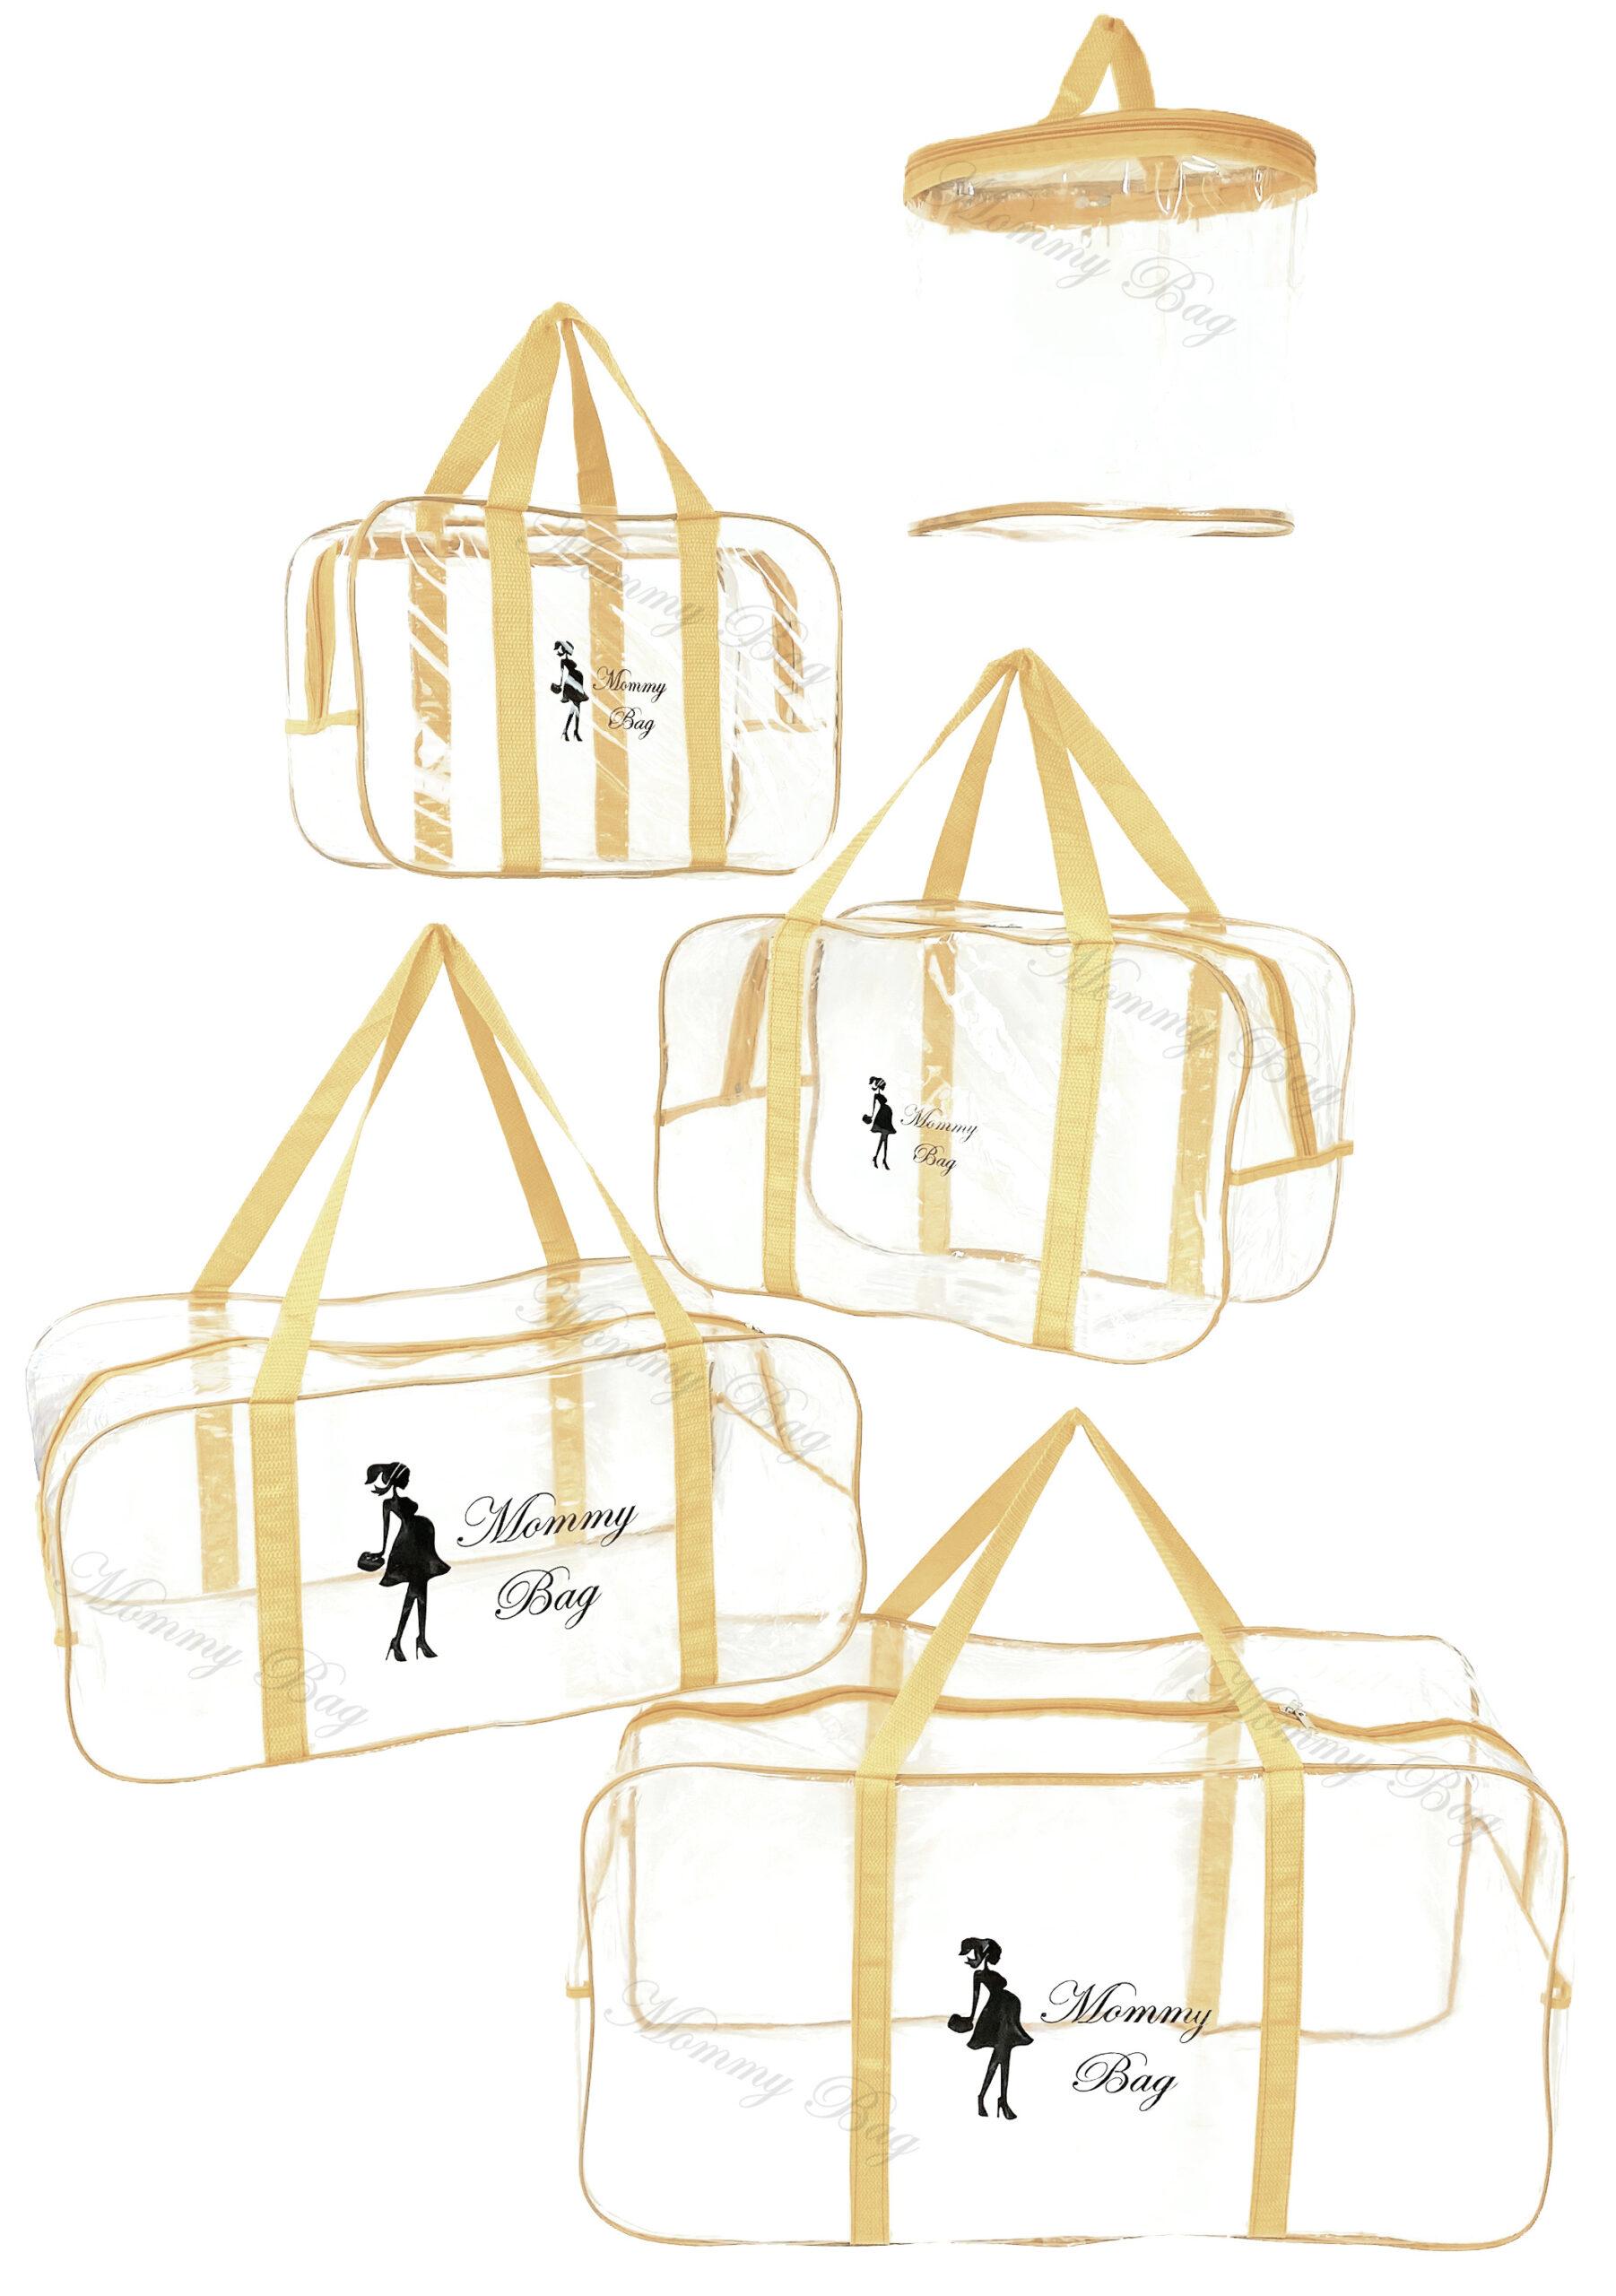 Набір з прозорих сумок в пологовий будинок Mommy Bag, колір сумки - Бежевий. Зображення 2